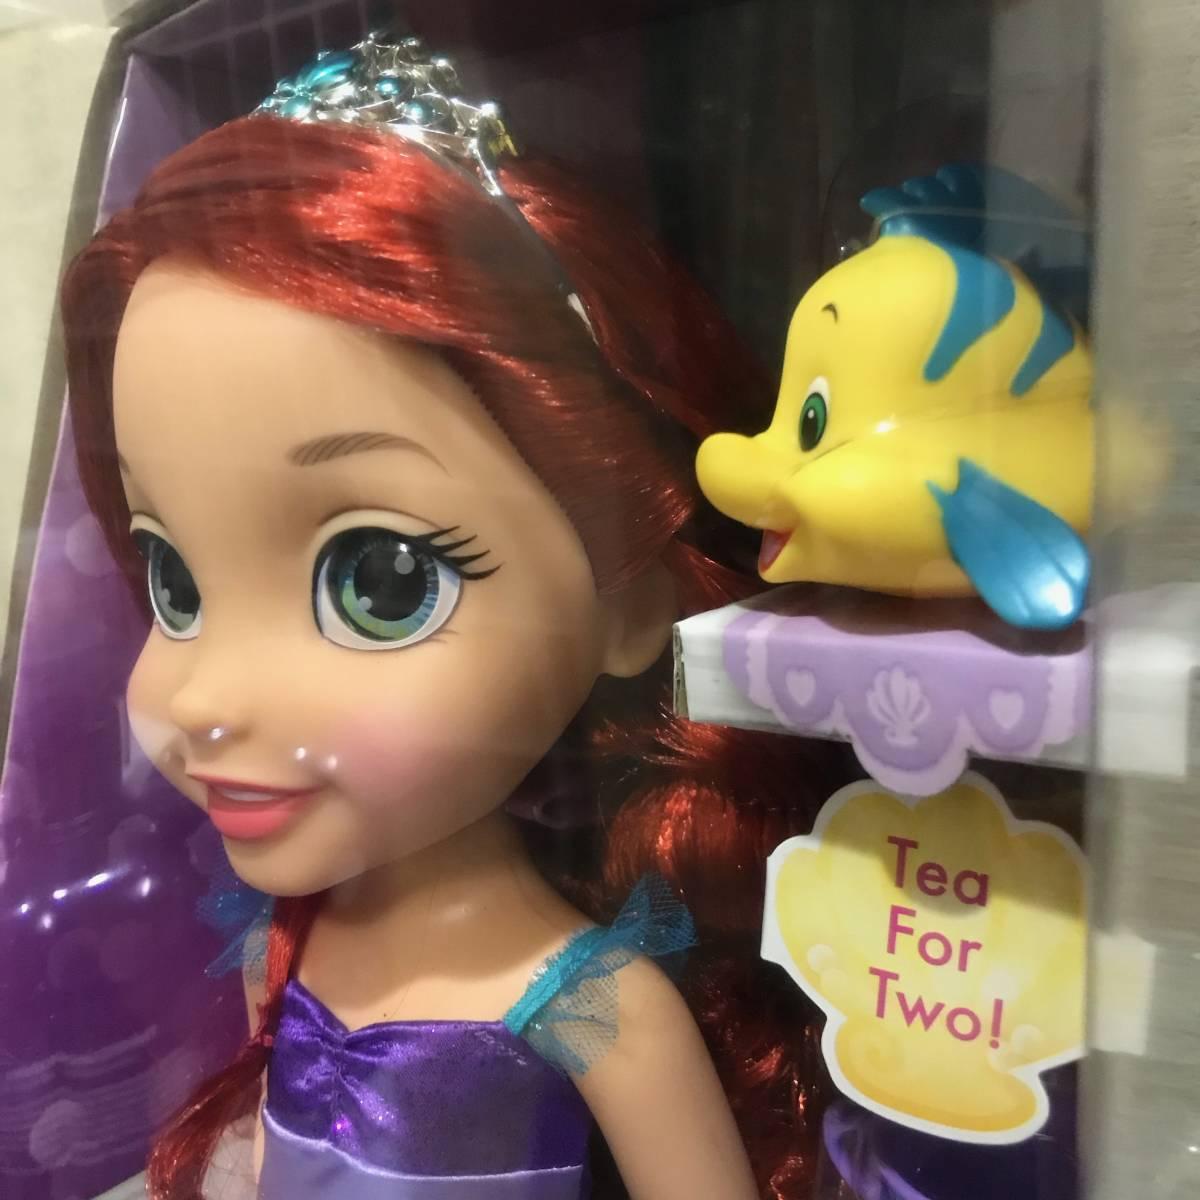 送料無料 新品 トドラードール お顔が可愛い アリエル 人形 ティーカップ & フランダー 付き ディズニープリンセス DISNEY 送料込み_画像1